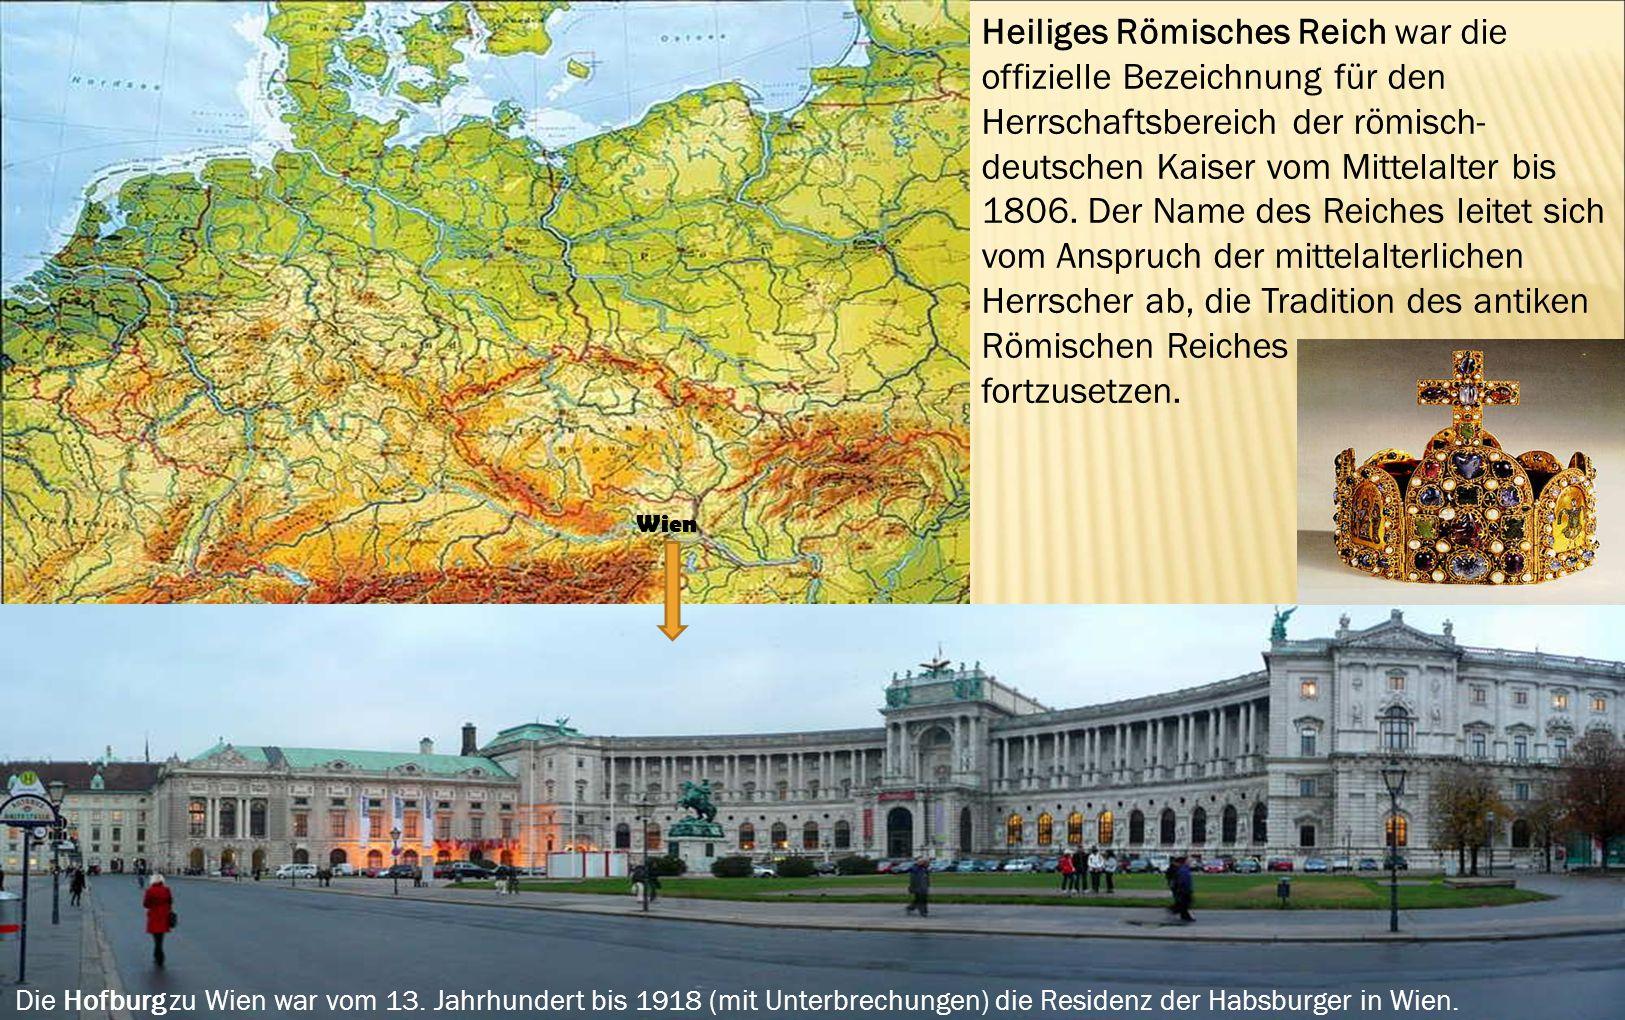 Wien Die Hofburg zu Wien war vom 13. Jahrhundert bis 1918 (mit Unterbrechungen) die Residenz der Habsburger in Wien. Heiliges Römisches Reich war die